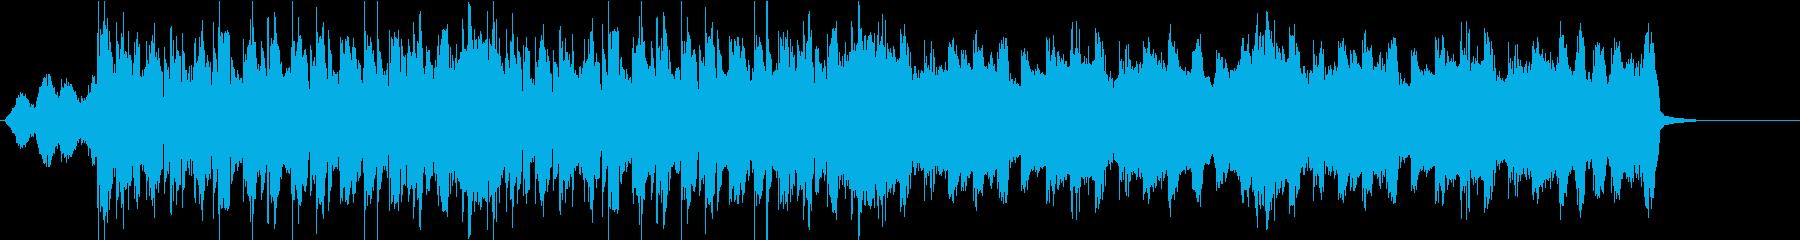 EDM ベースの効いたBGM 39秒の再生済みの波形